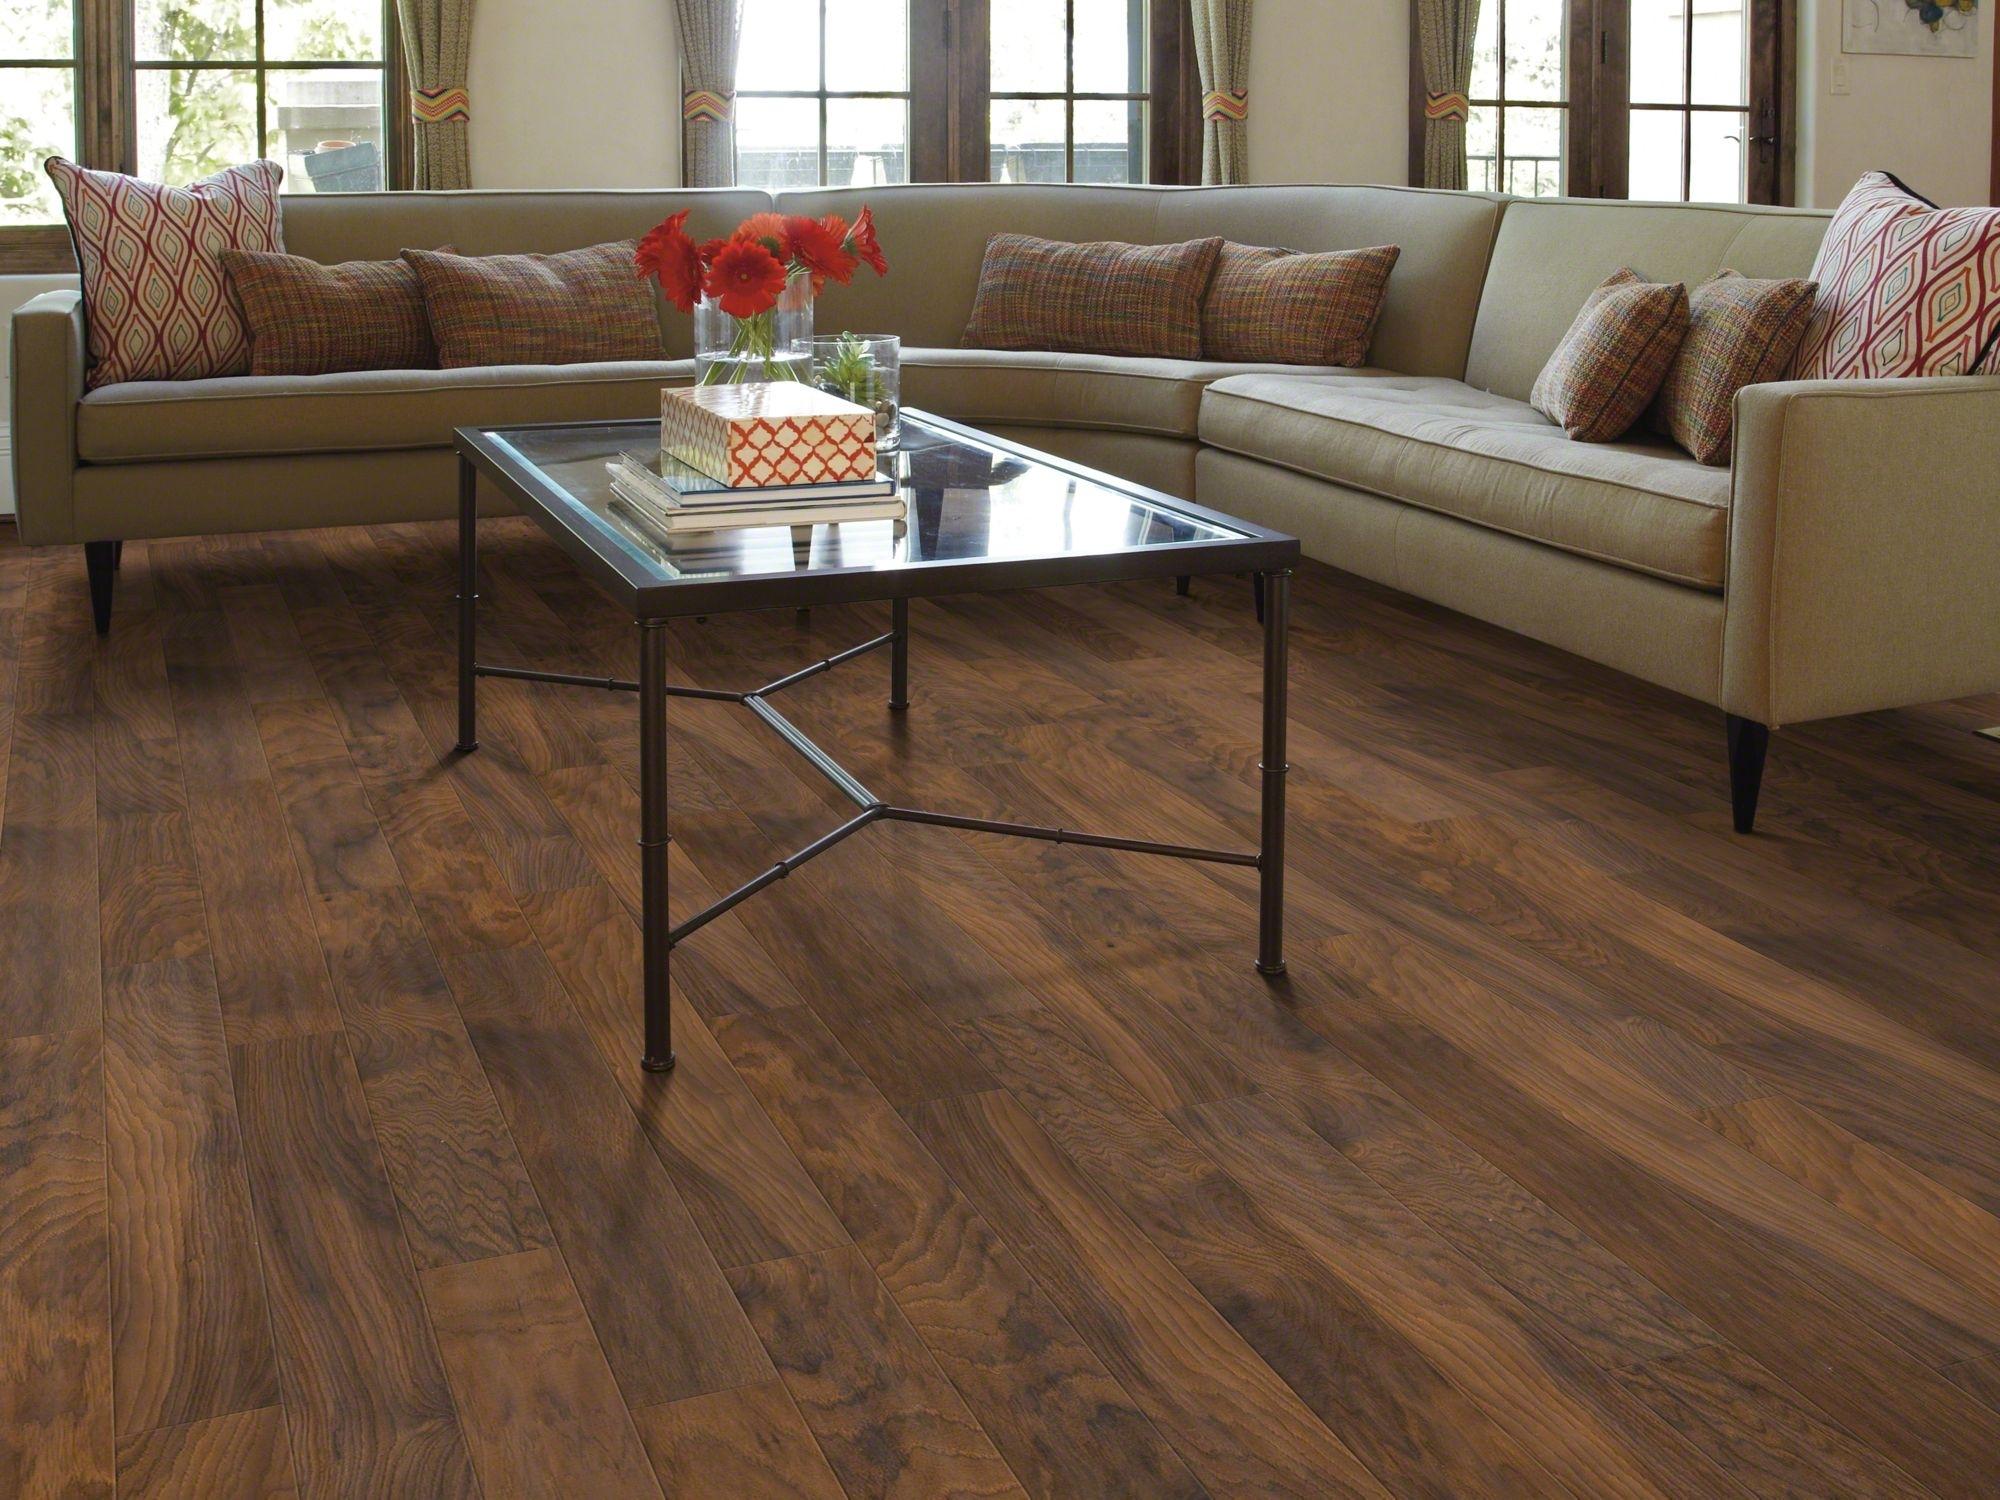 Waterproof Linoleum Flooring That Looks Like Wood